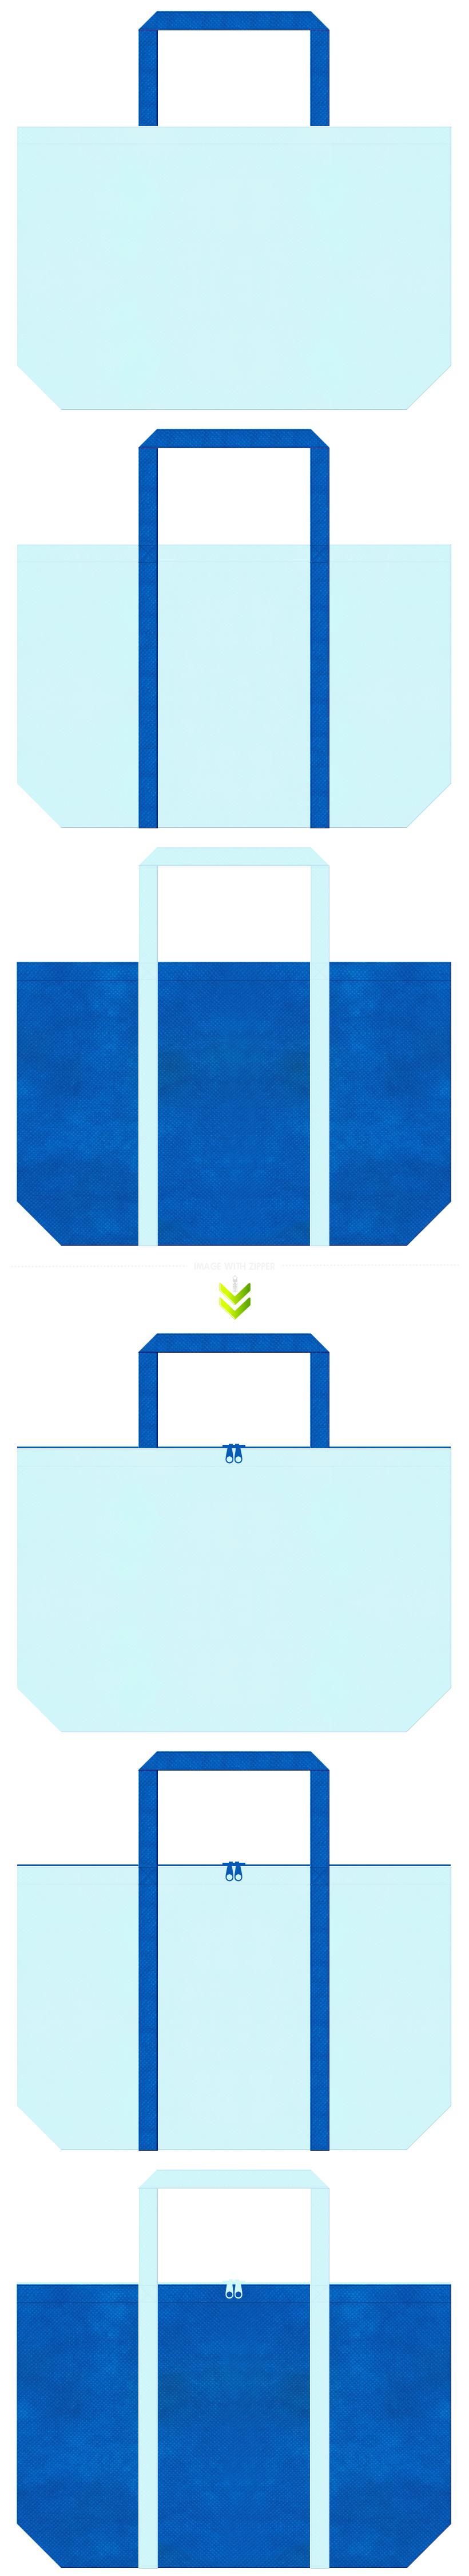 不織布ショッピングバッグのデザイン:不織布カラーNo.30水色とNo.22スカイブルーの組み合わせ